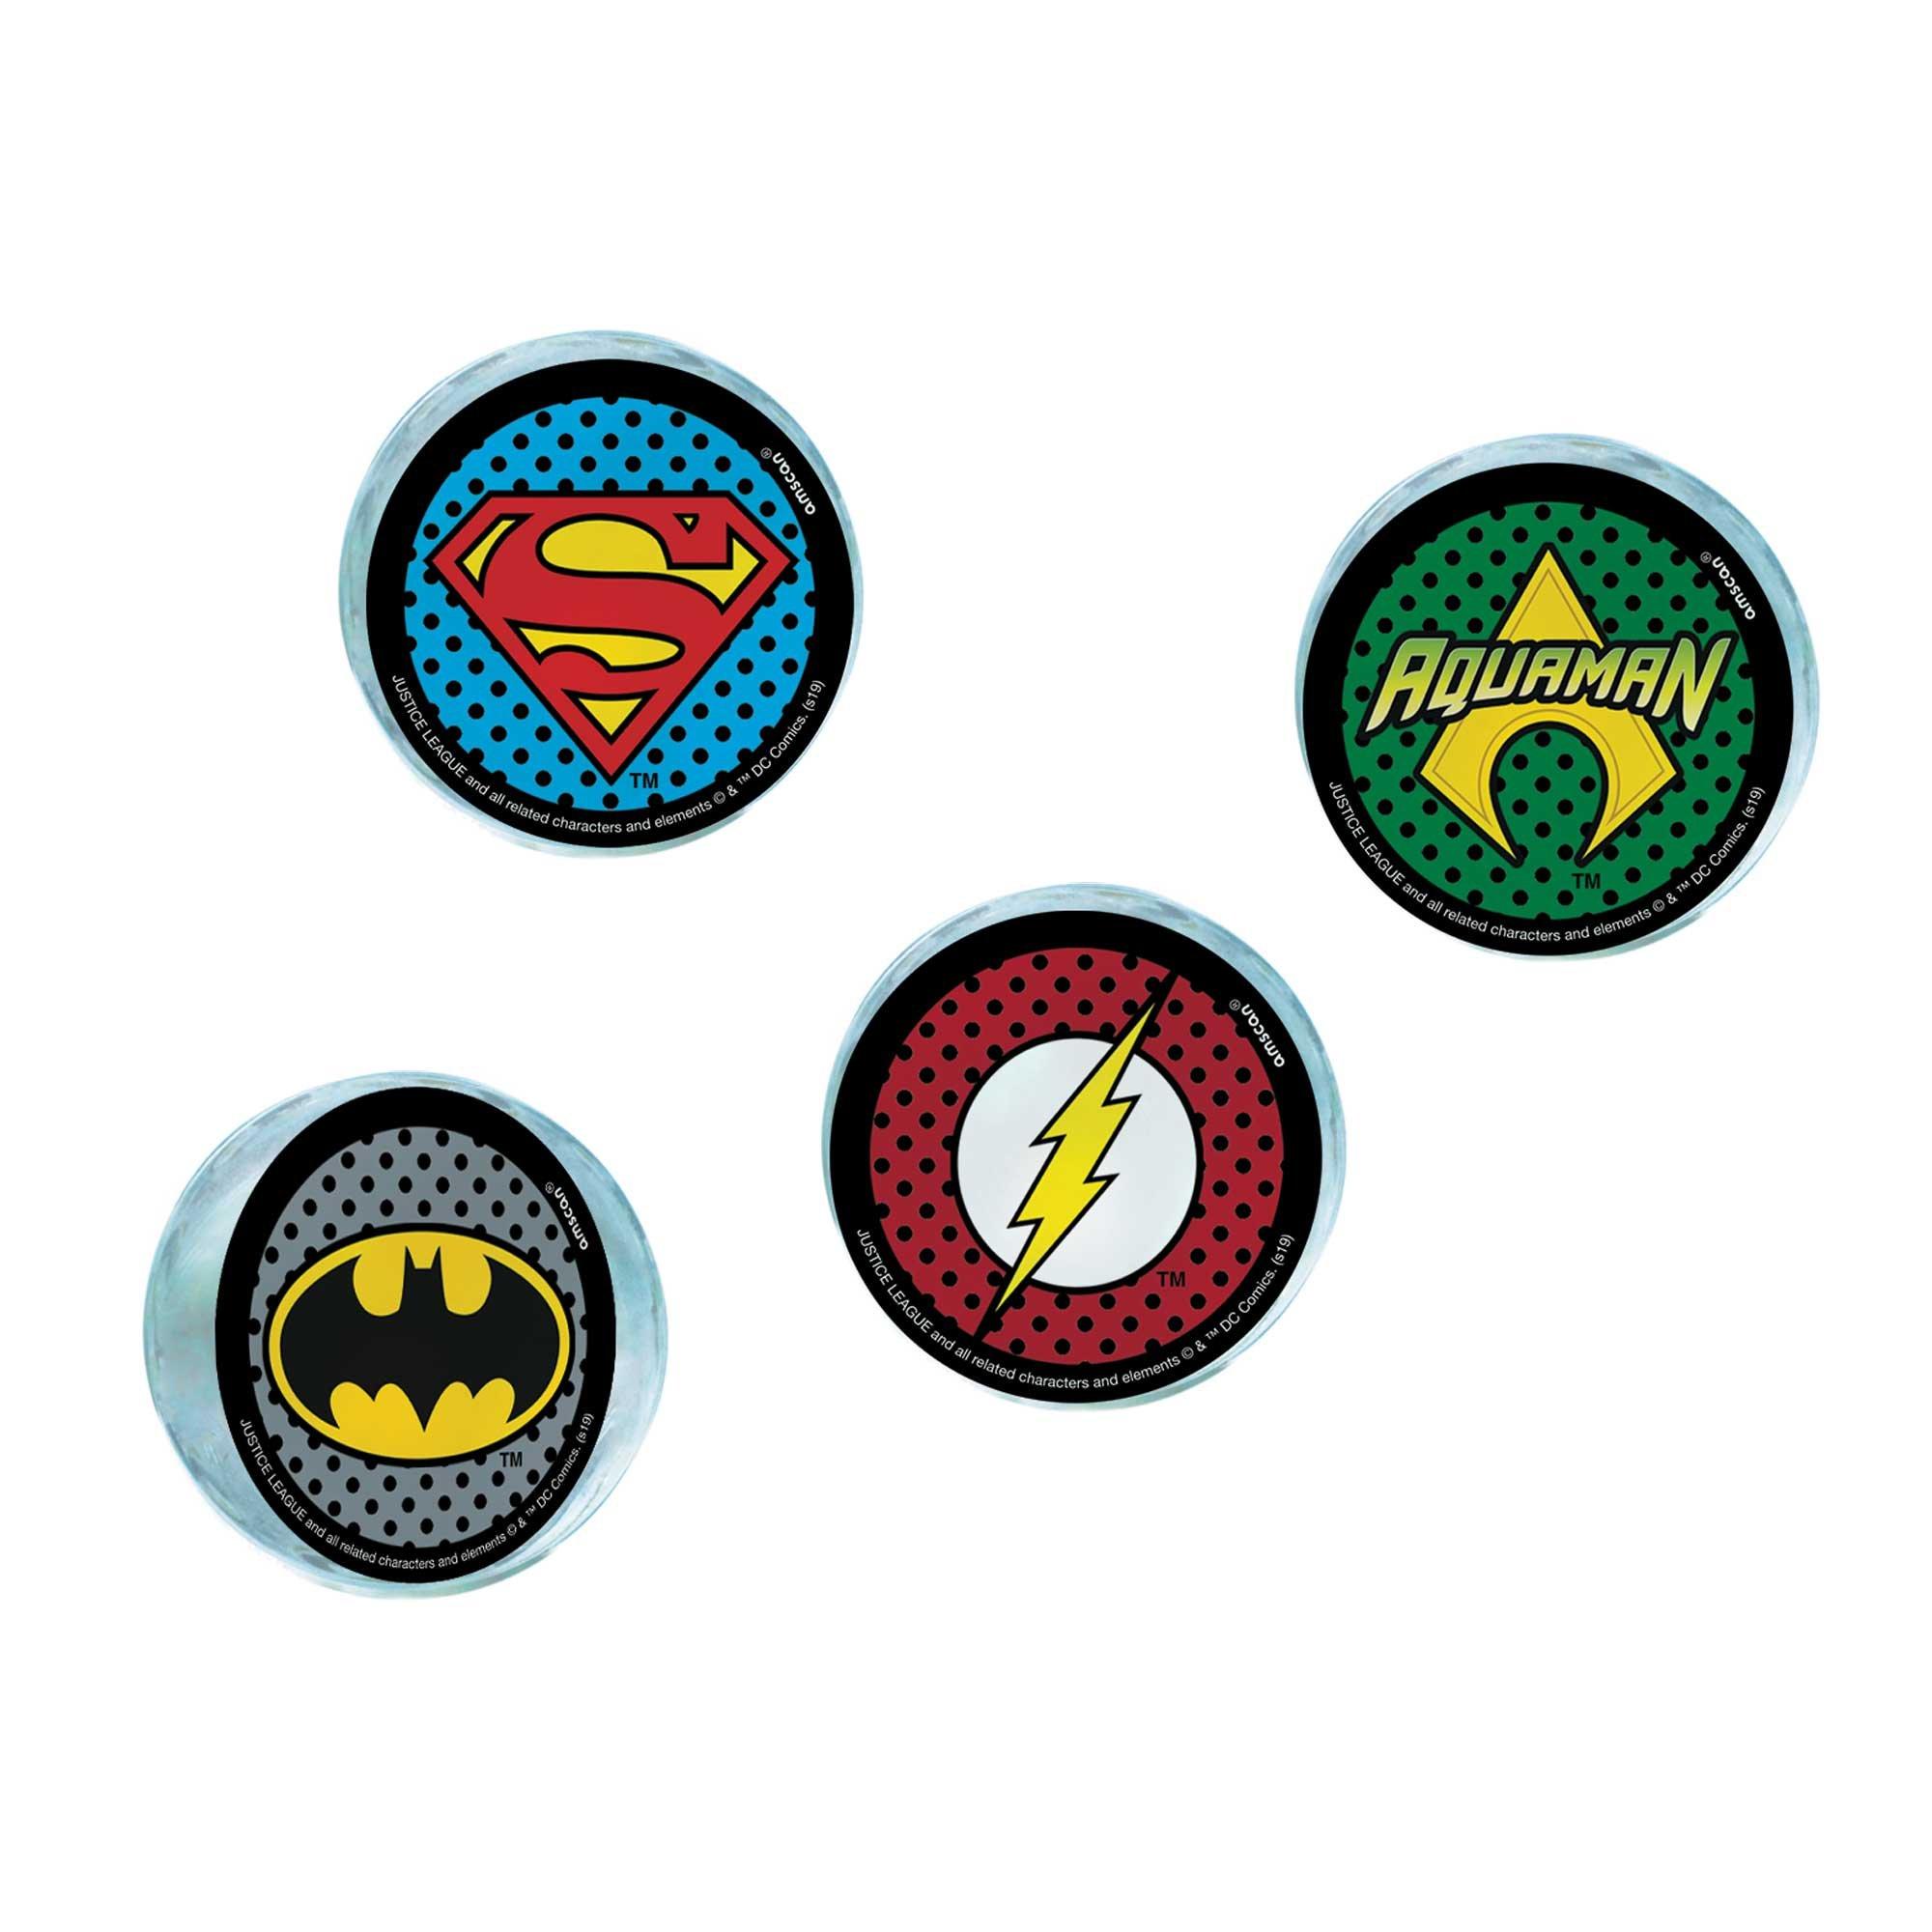 Justice League Heroes Unite Bounce Balls Favors